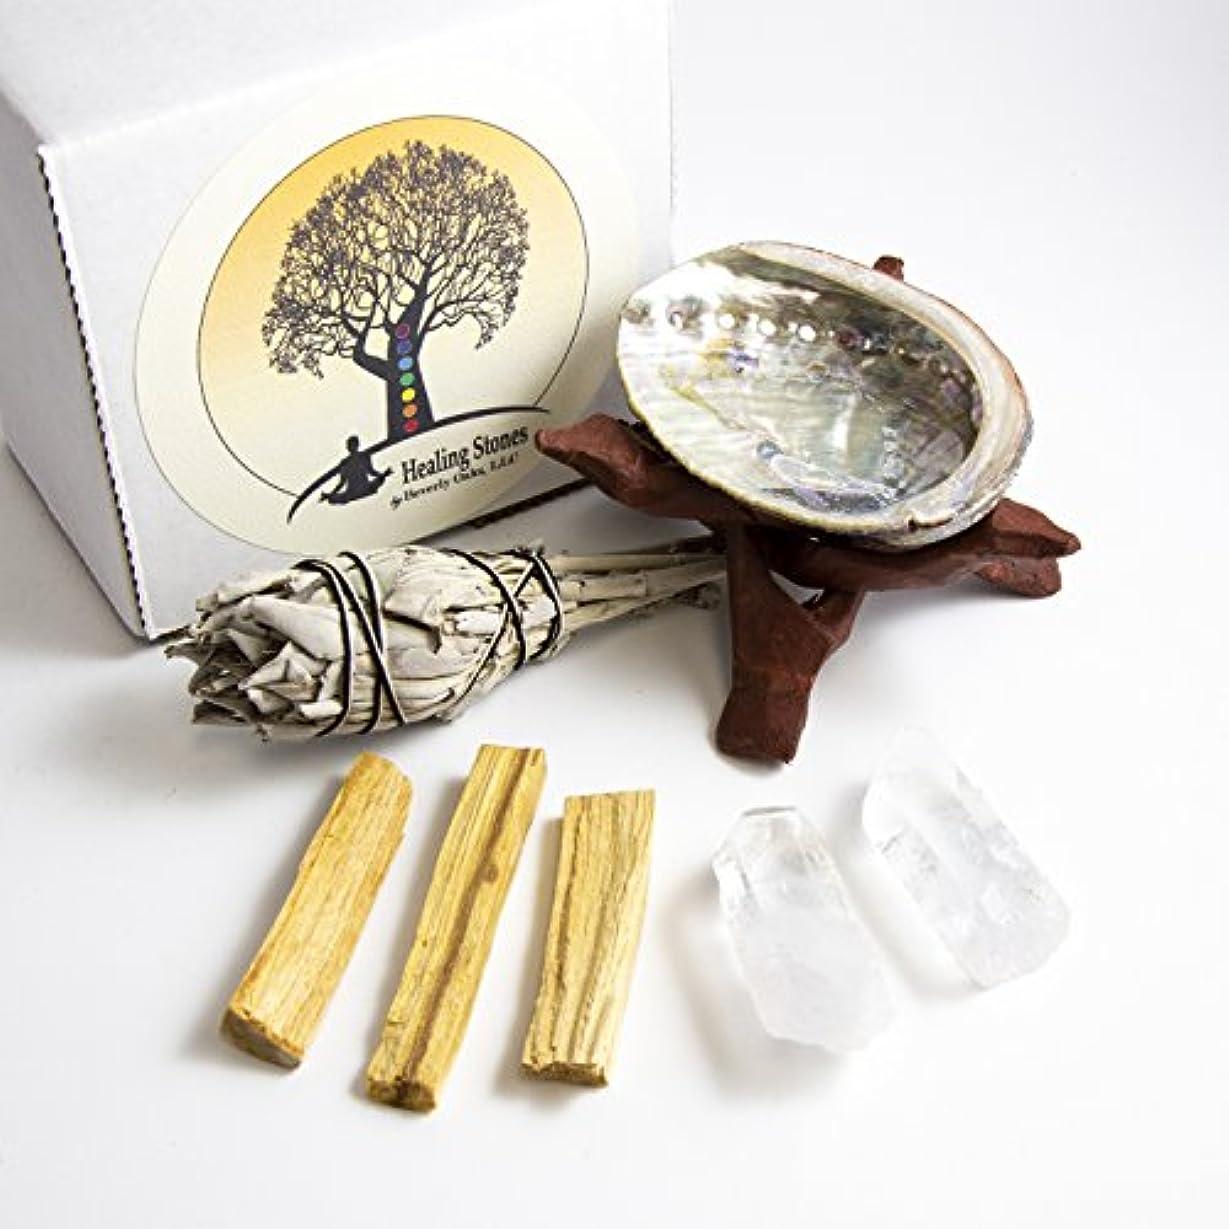 スキャンダラス警告杭Beverly Oaks瞑想Ritualキット – 2 Clear Quartz Crystals , Palo Santoスティック、カリフォルニアホワイトセージスティック、アワビシェル、コブラスタンド – Healing...